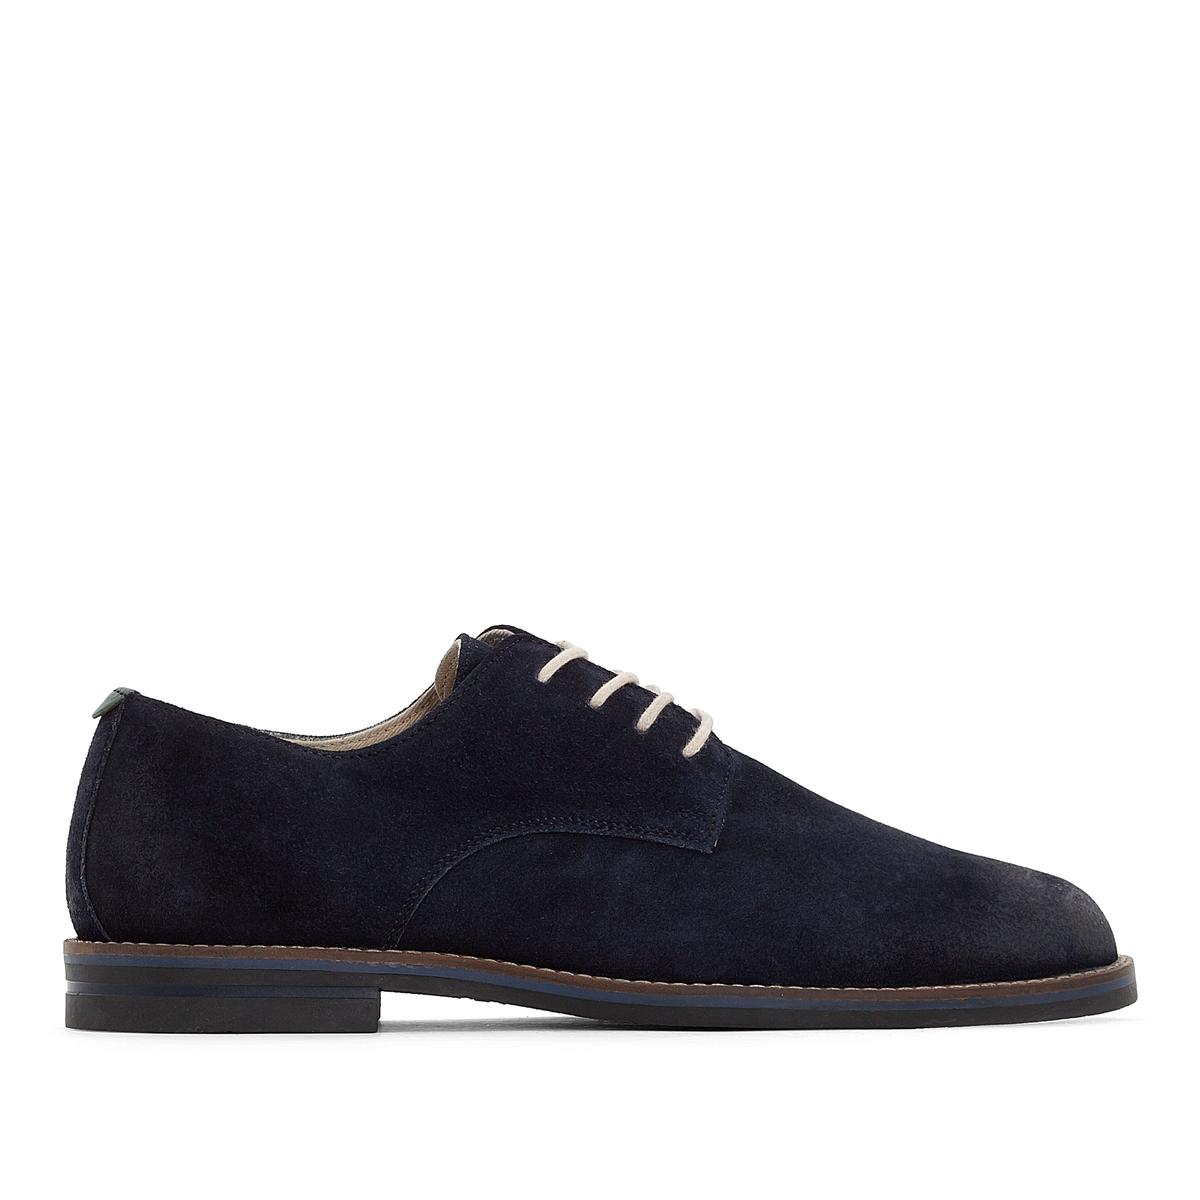 Ботинки-дерби ELDAN ботинки дерби под кожу питона